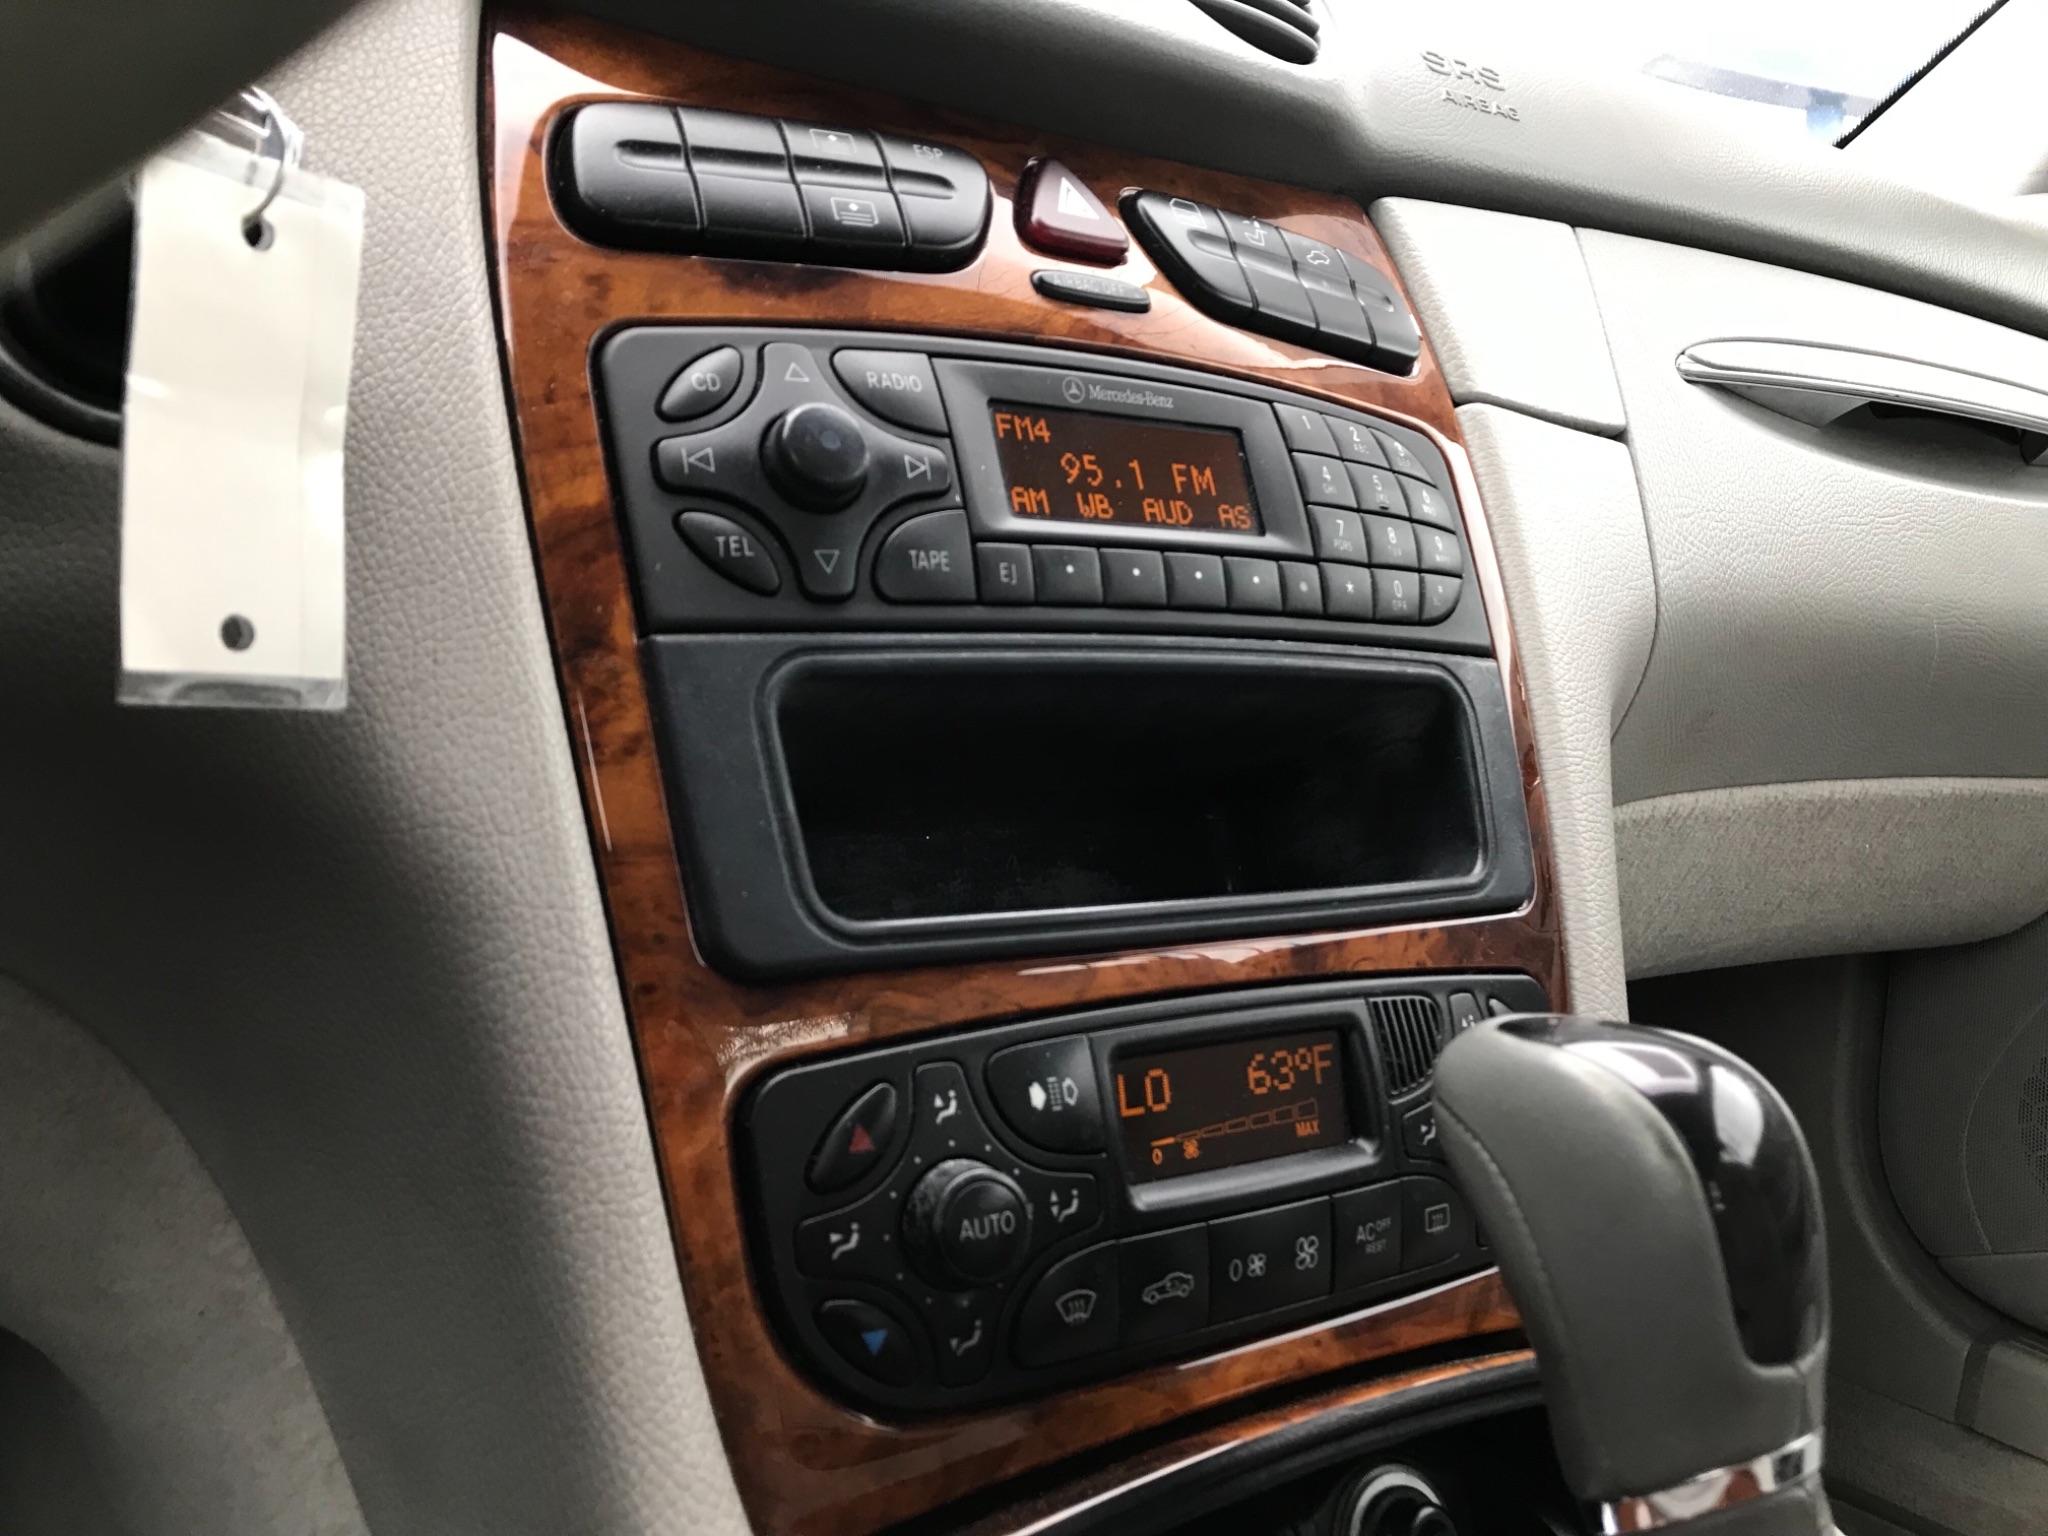 2003 Mercedes-Benz CLK320 3.2L